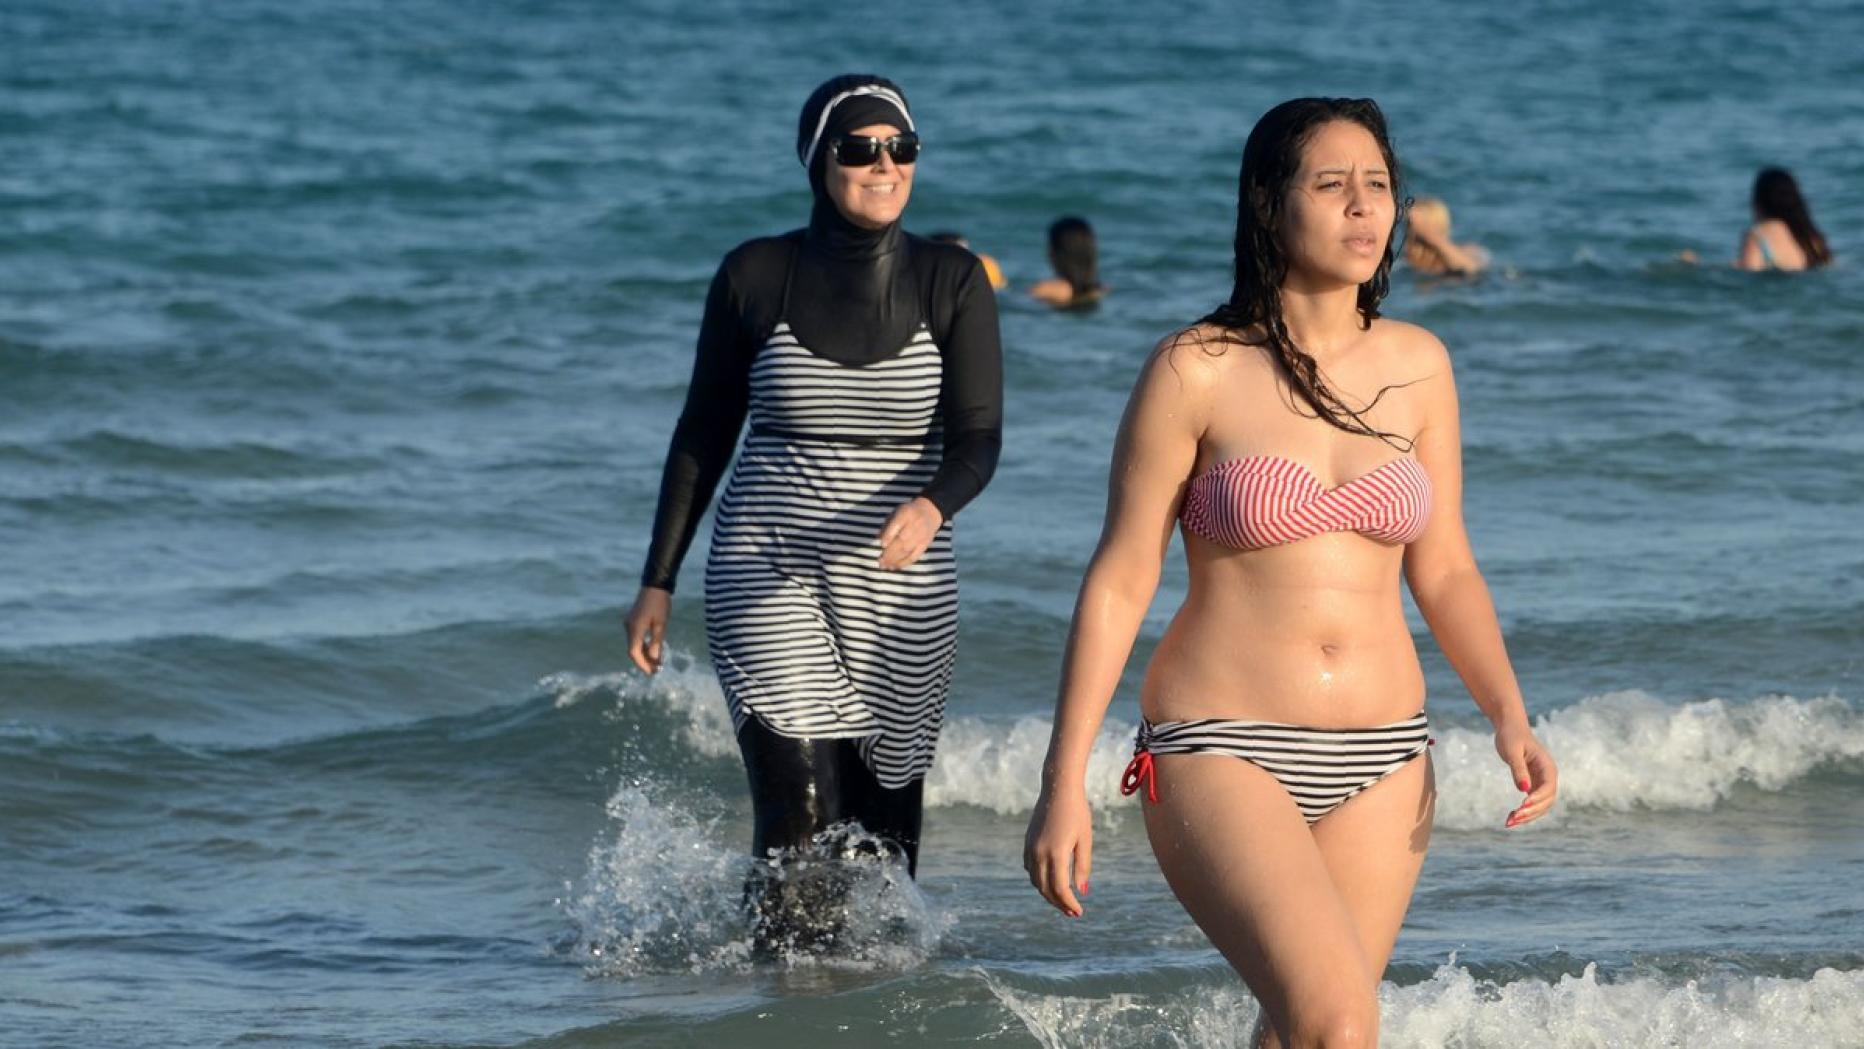 bikini ausziehen